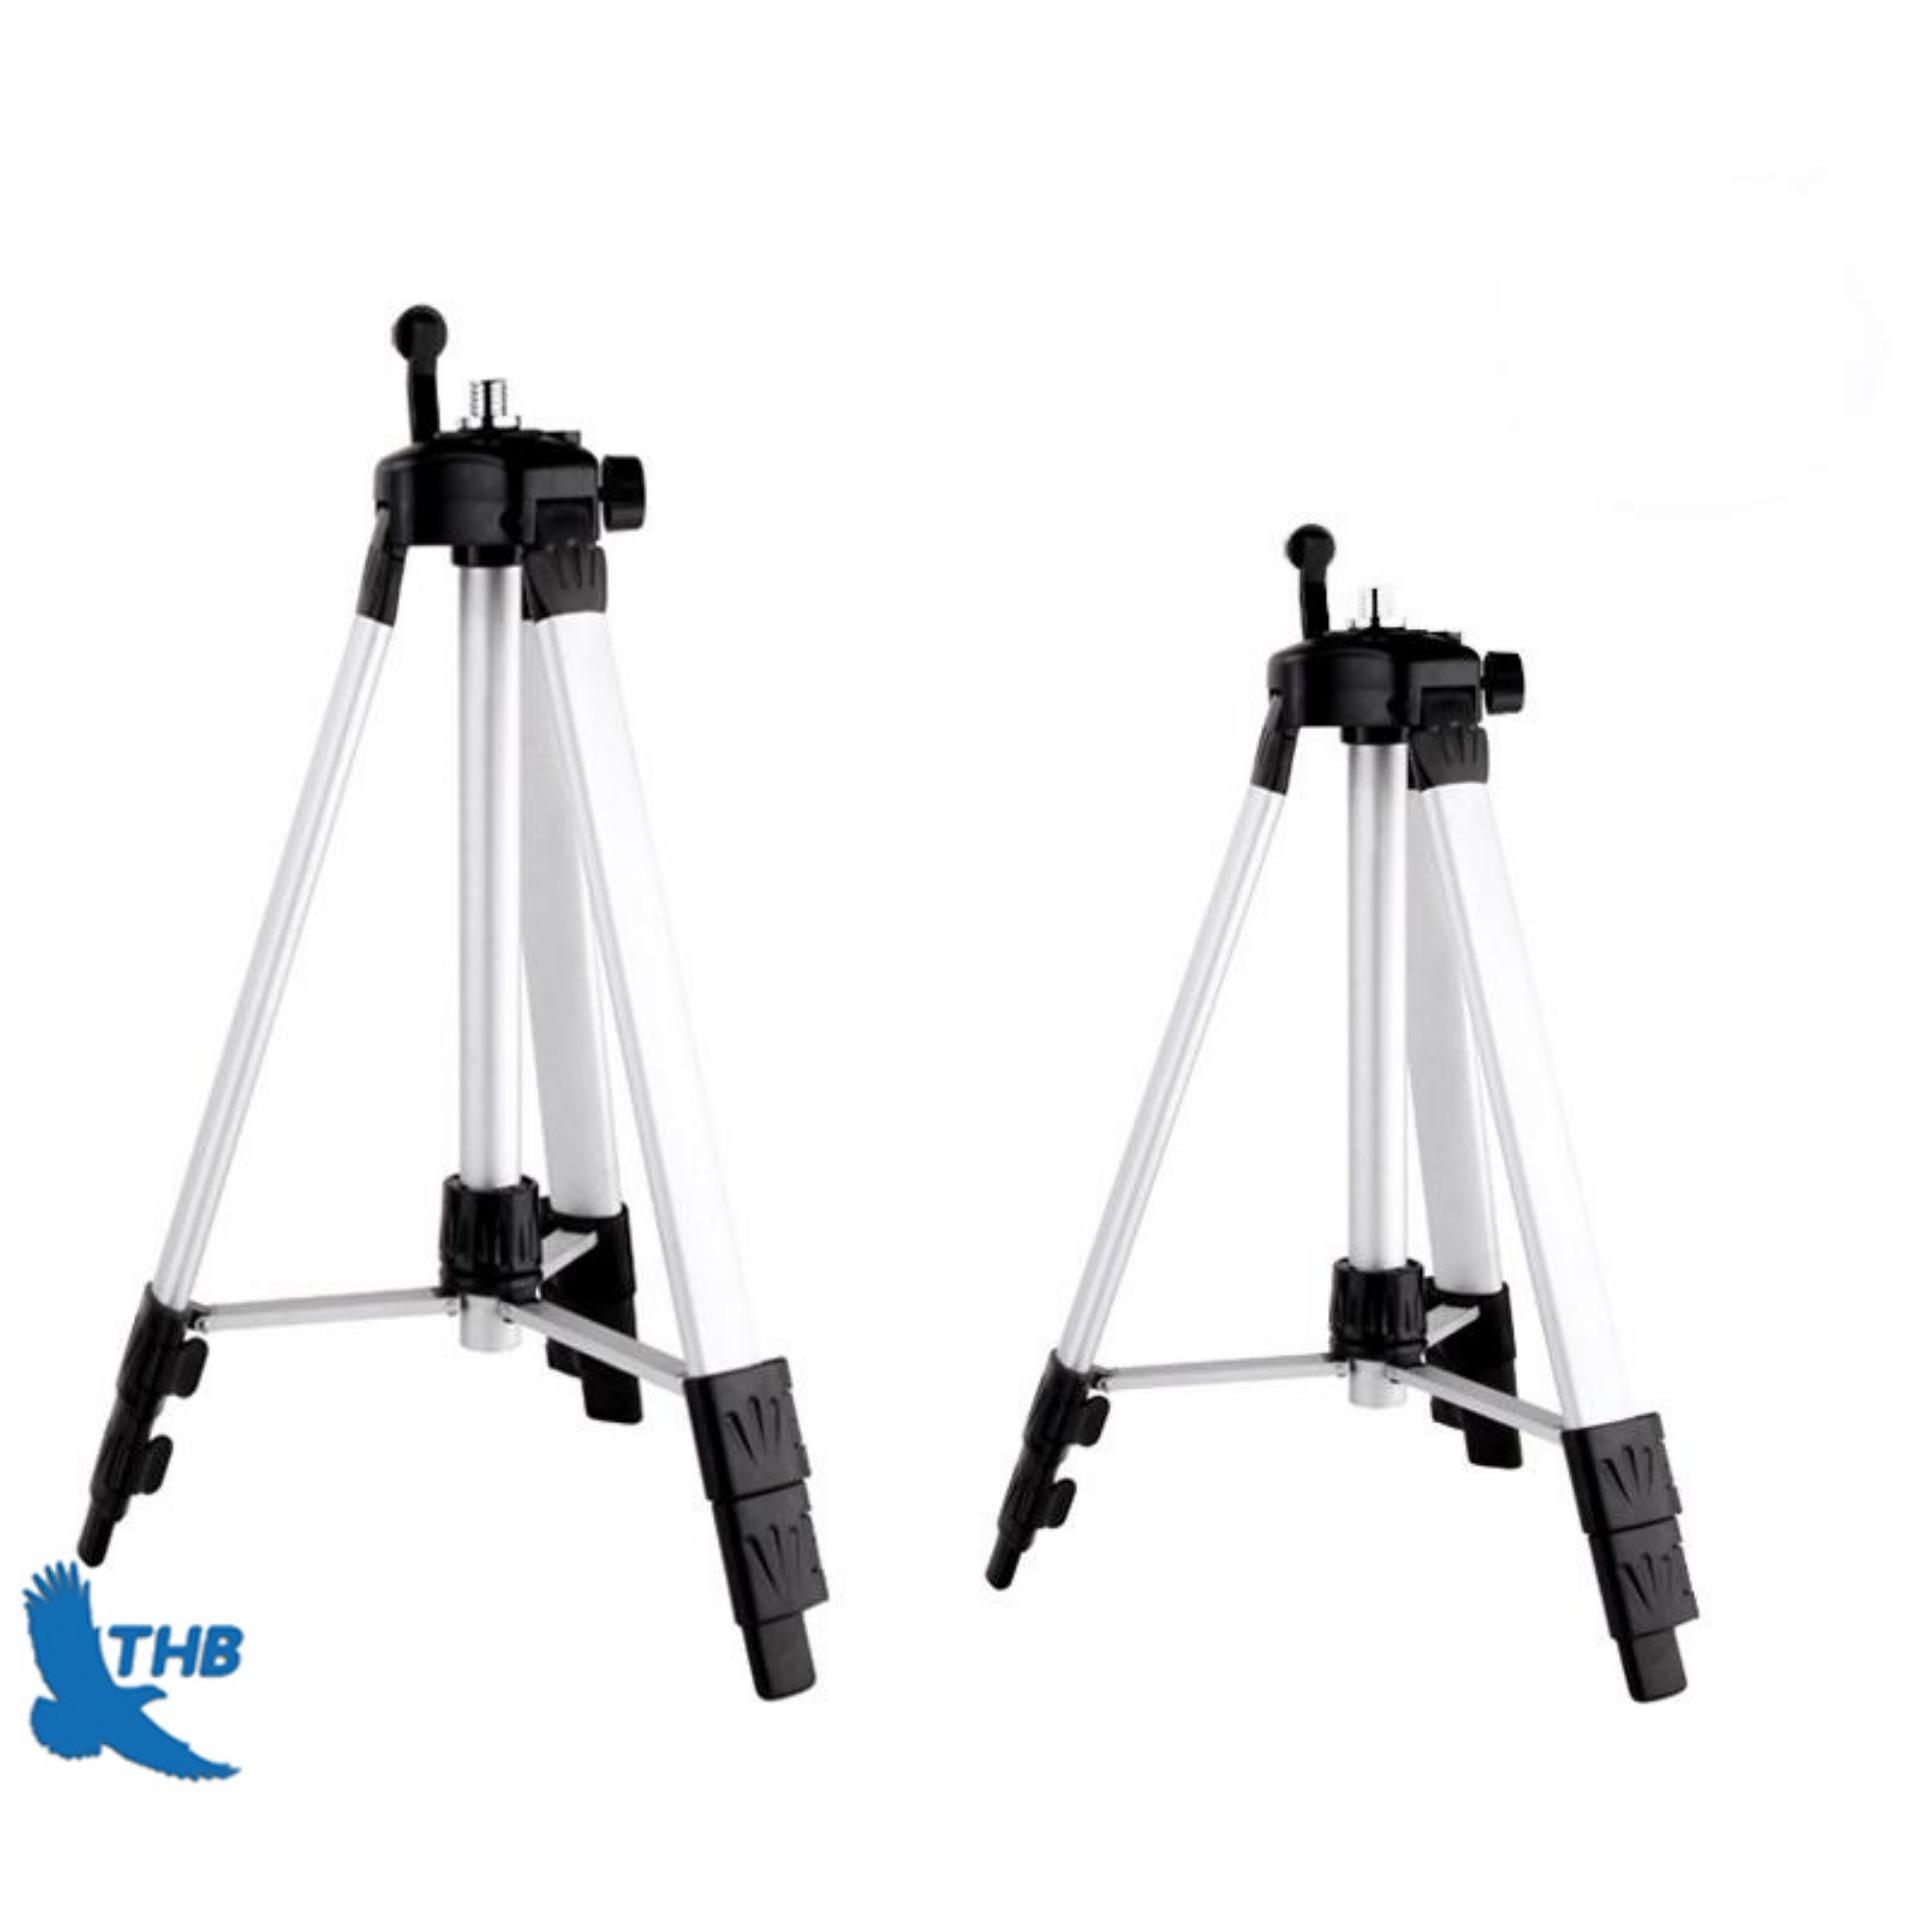 Chân đế máy cân bằng laser cao 1,0m THB SA100